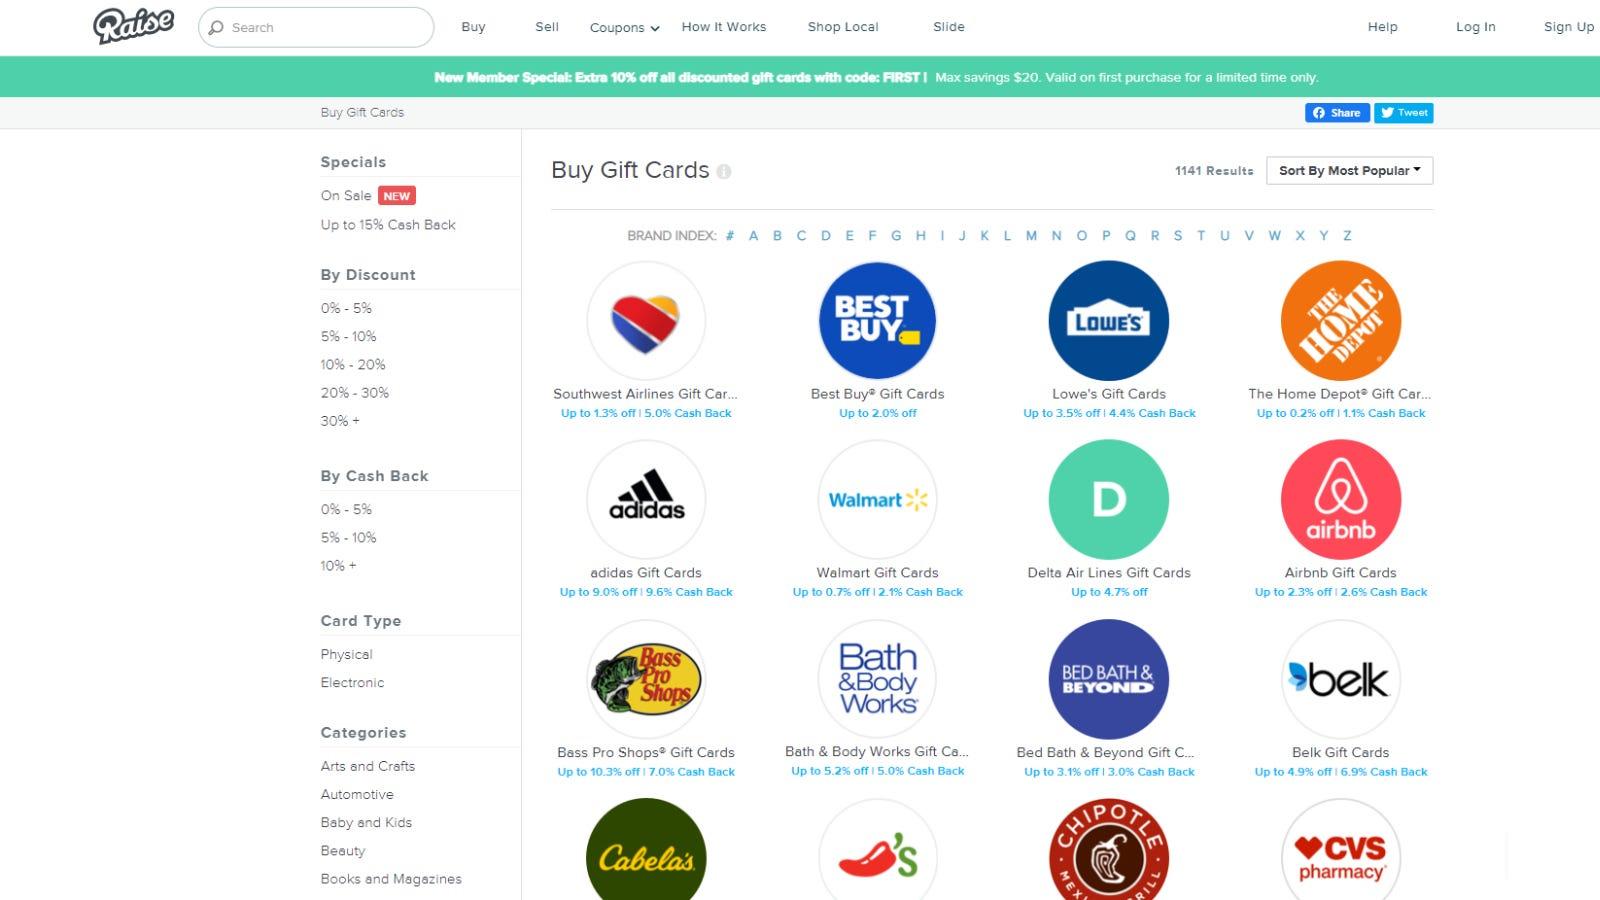 Raise.com browsing page